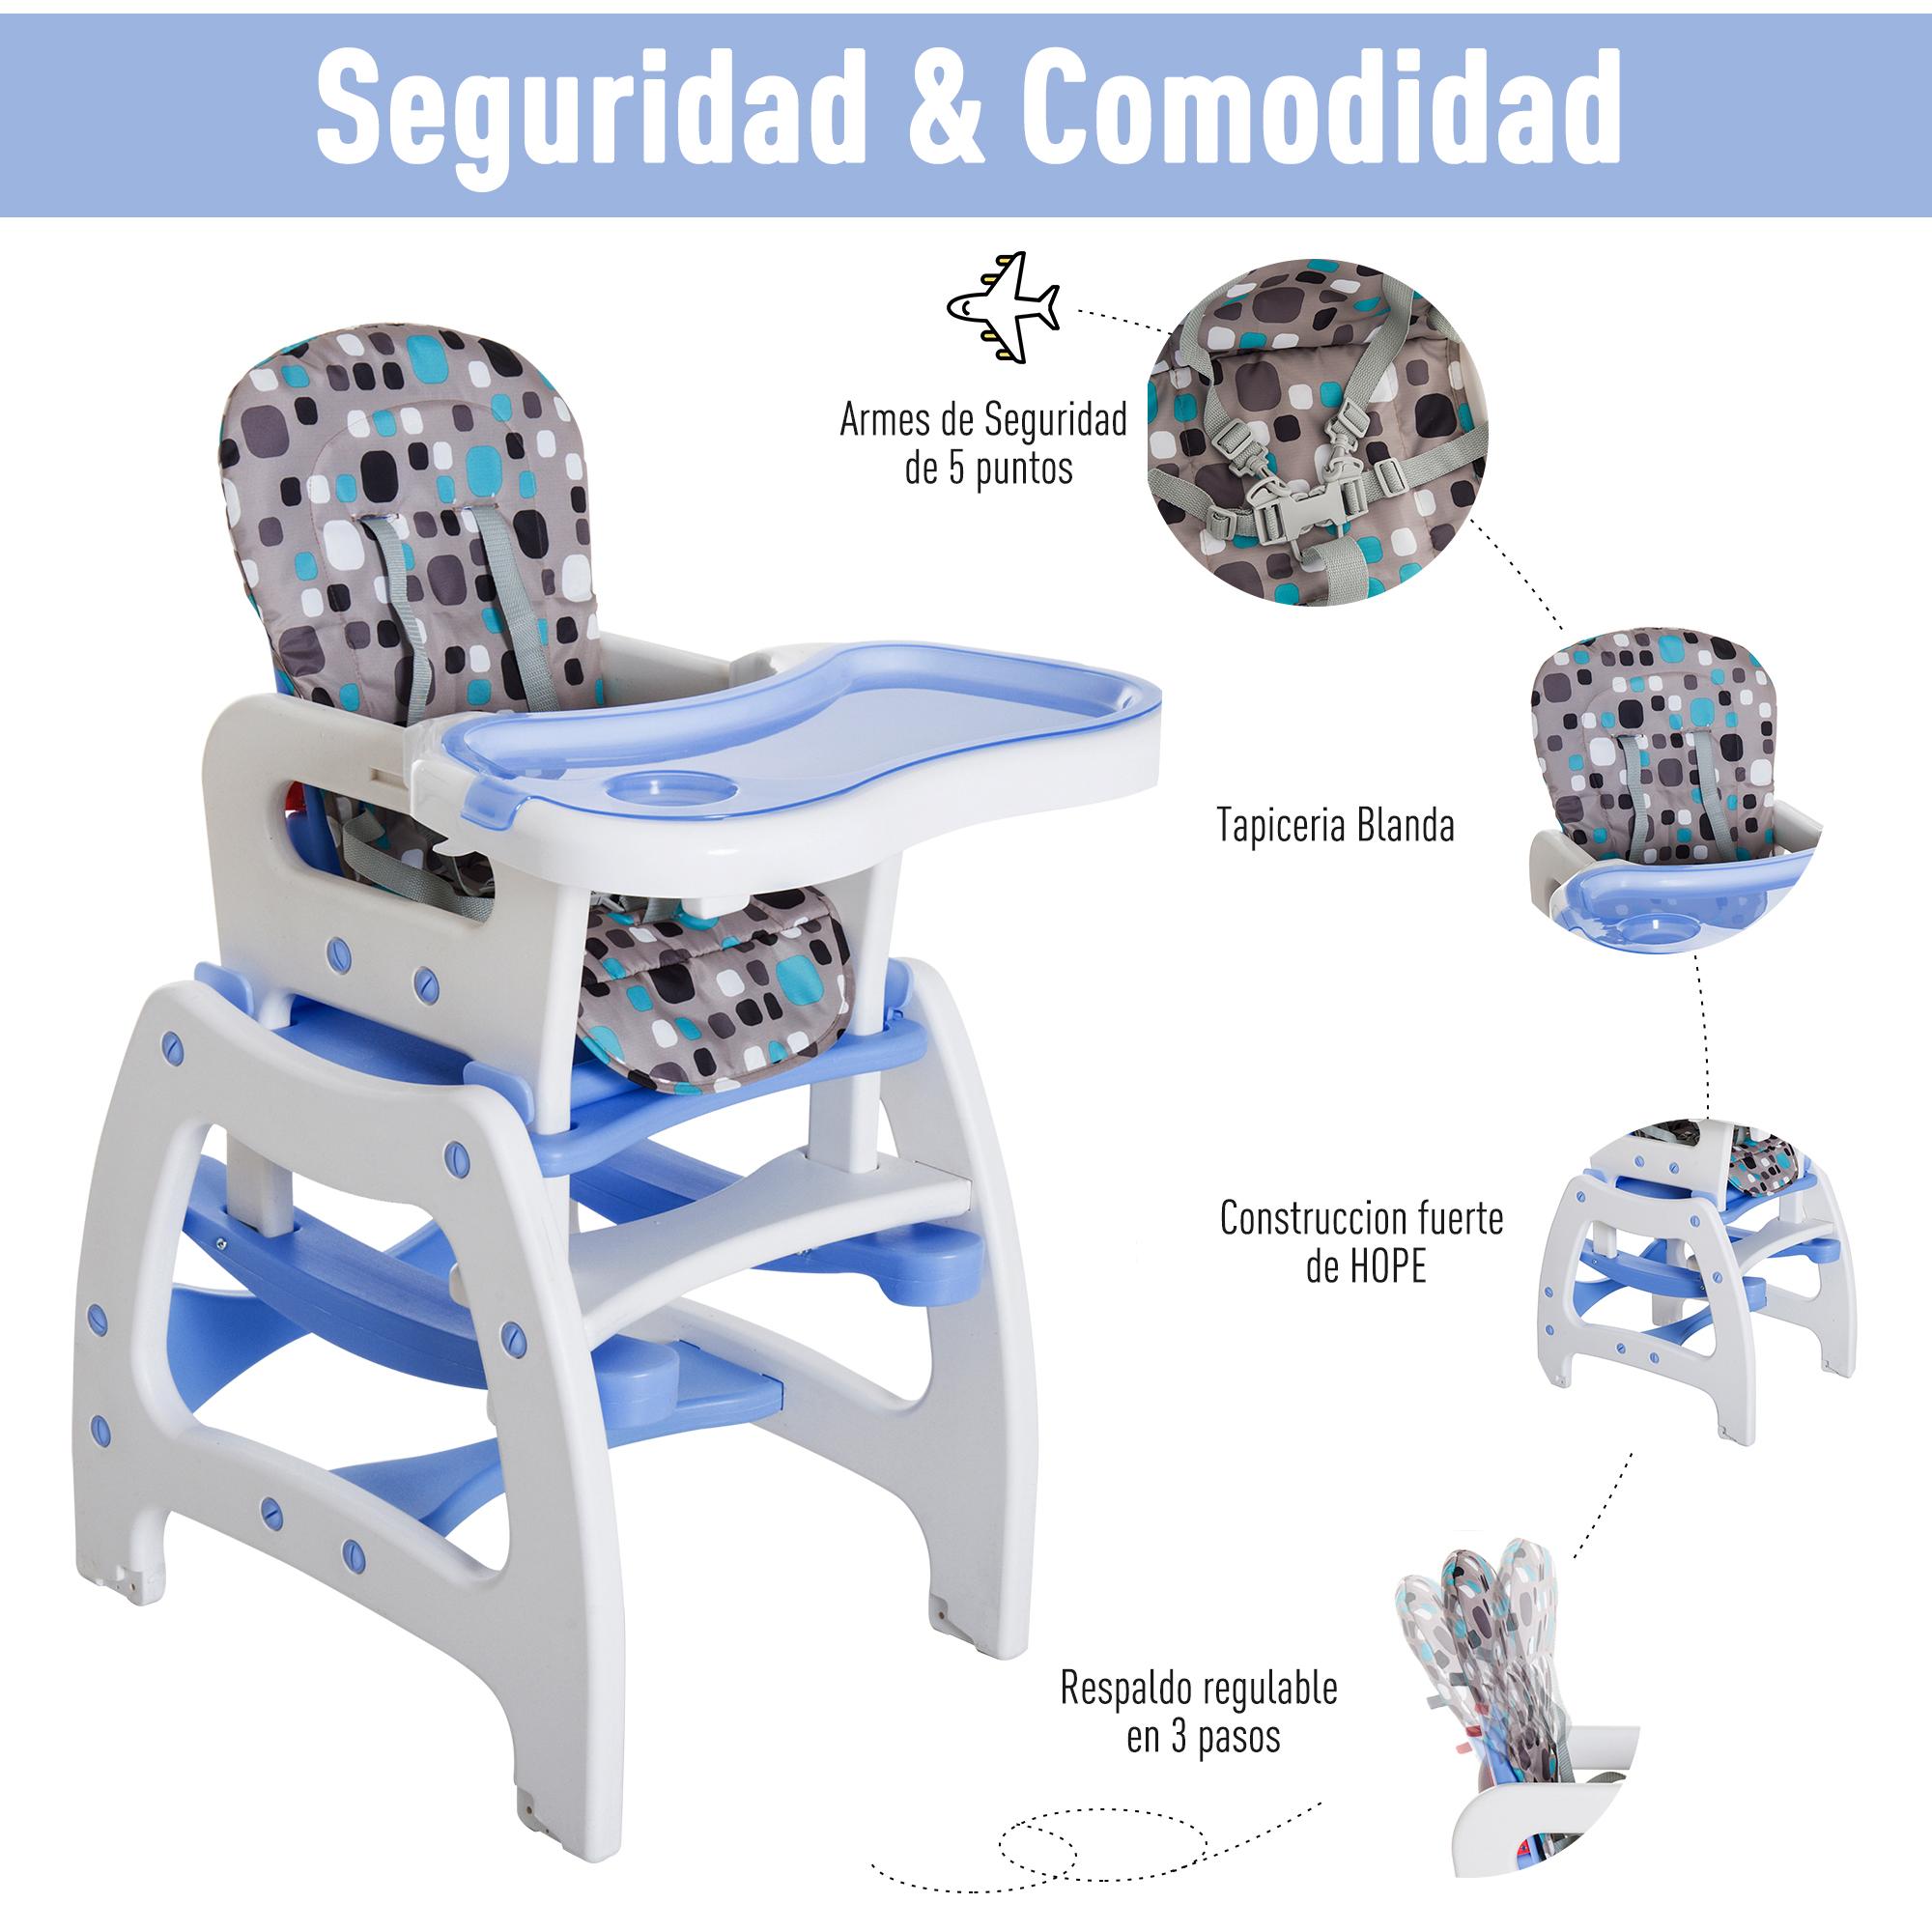 3-en-1-Sillita-Trona-Mecedora-Balancin-Bebe-Convertible-Multifuncional-Infantil miniatura 5